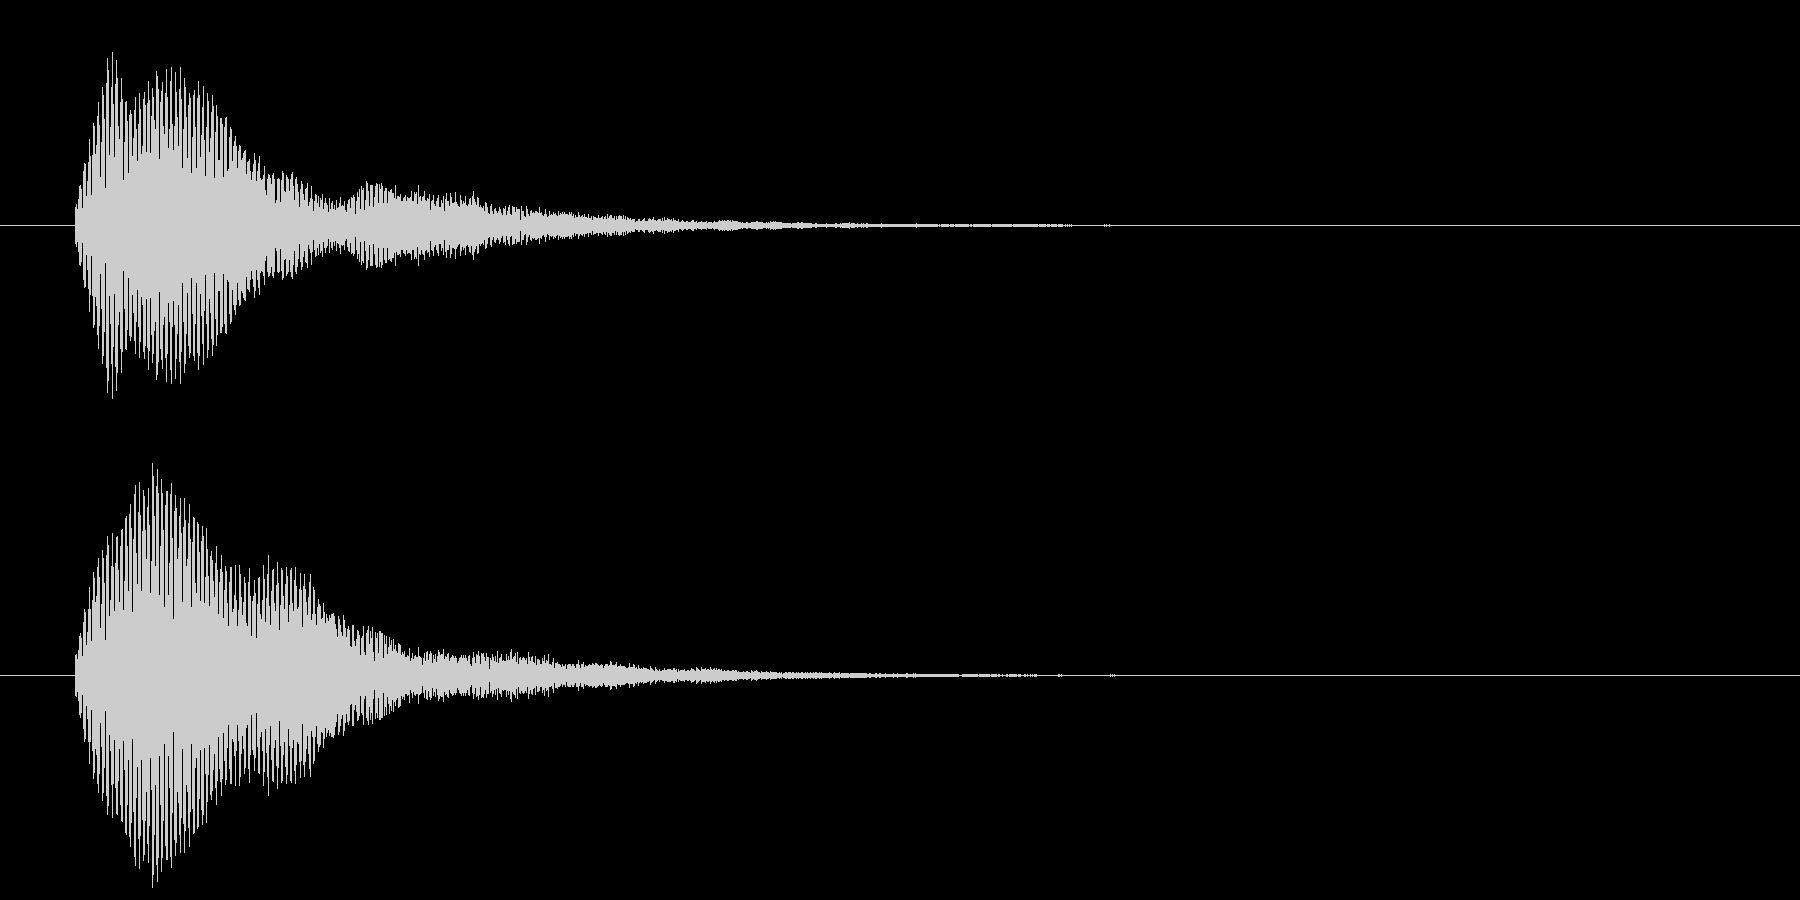 古いパソコンの終了音風ジングル3の未再生の波形